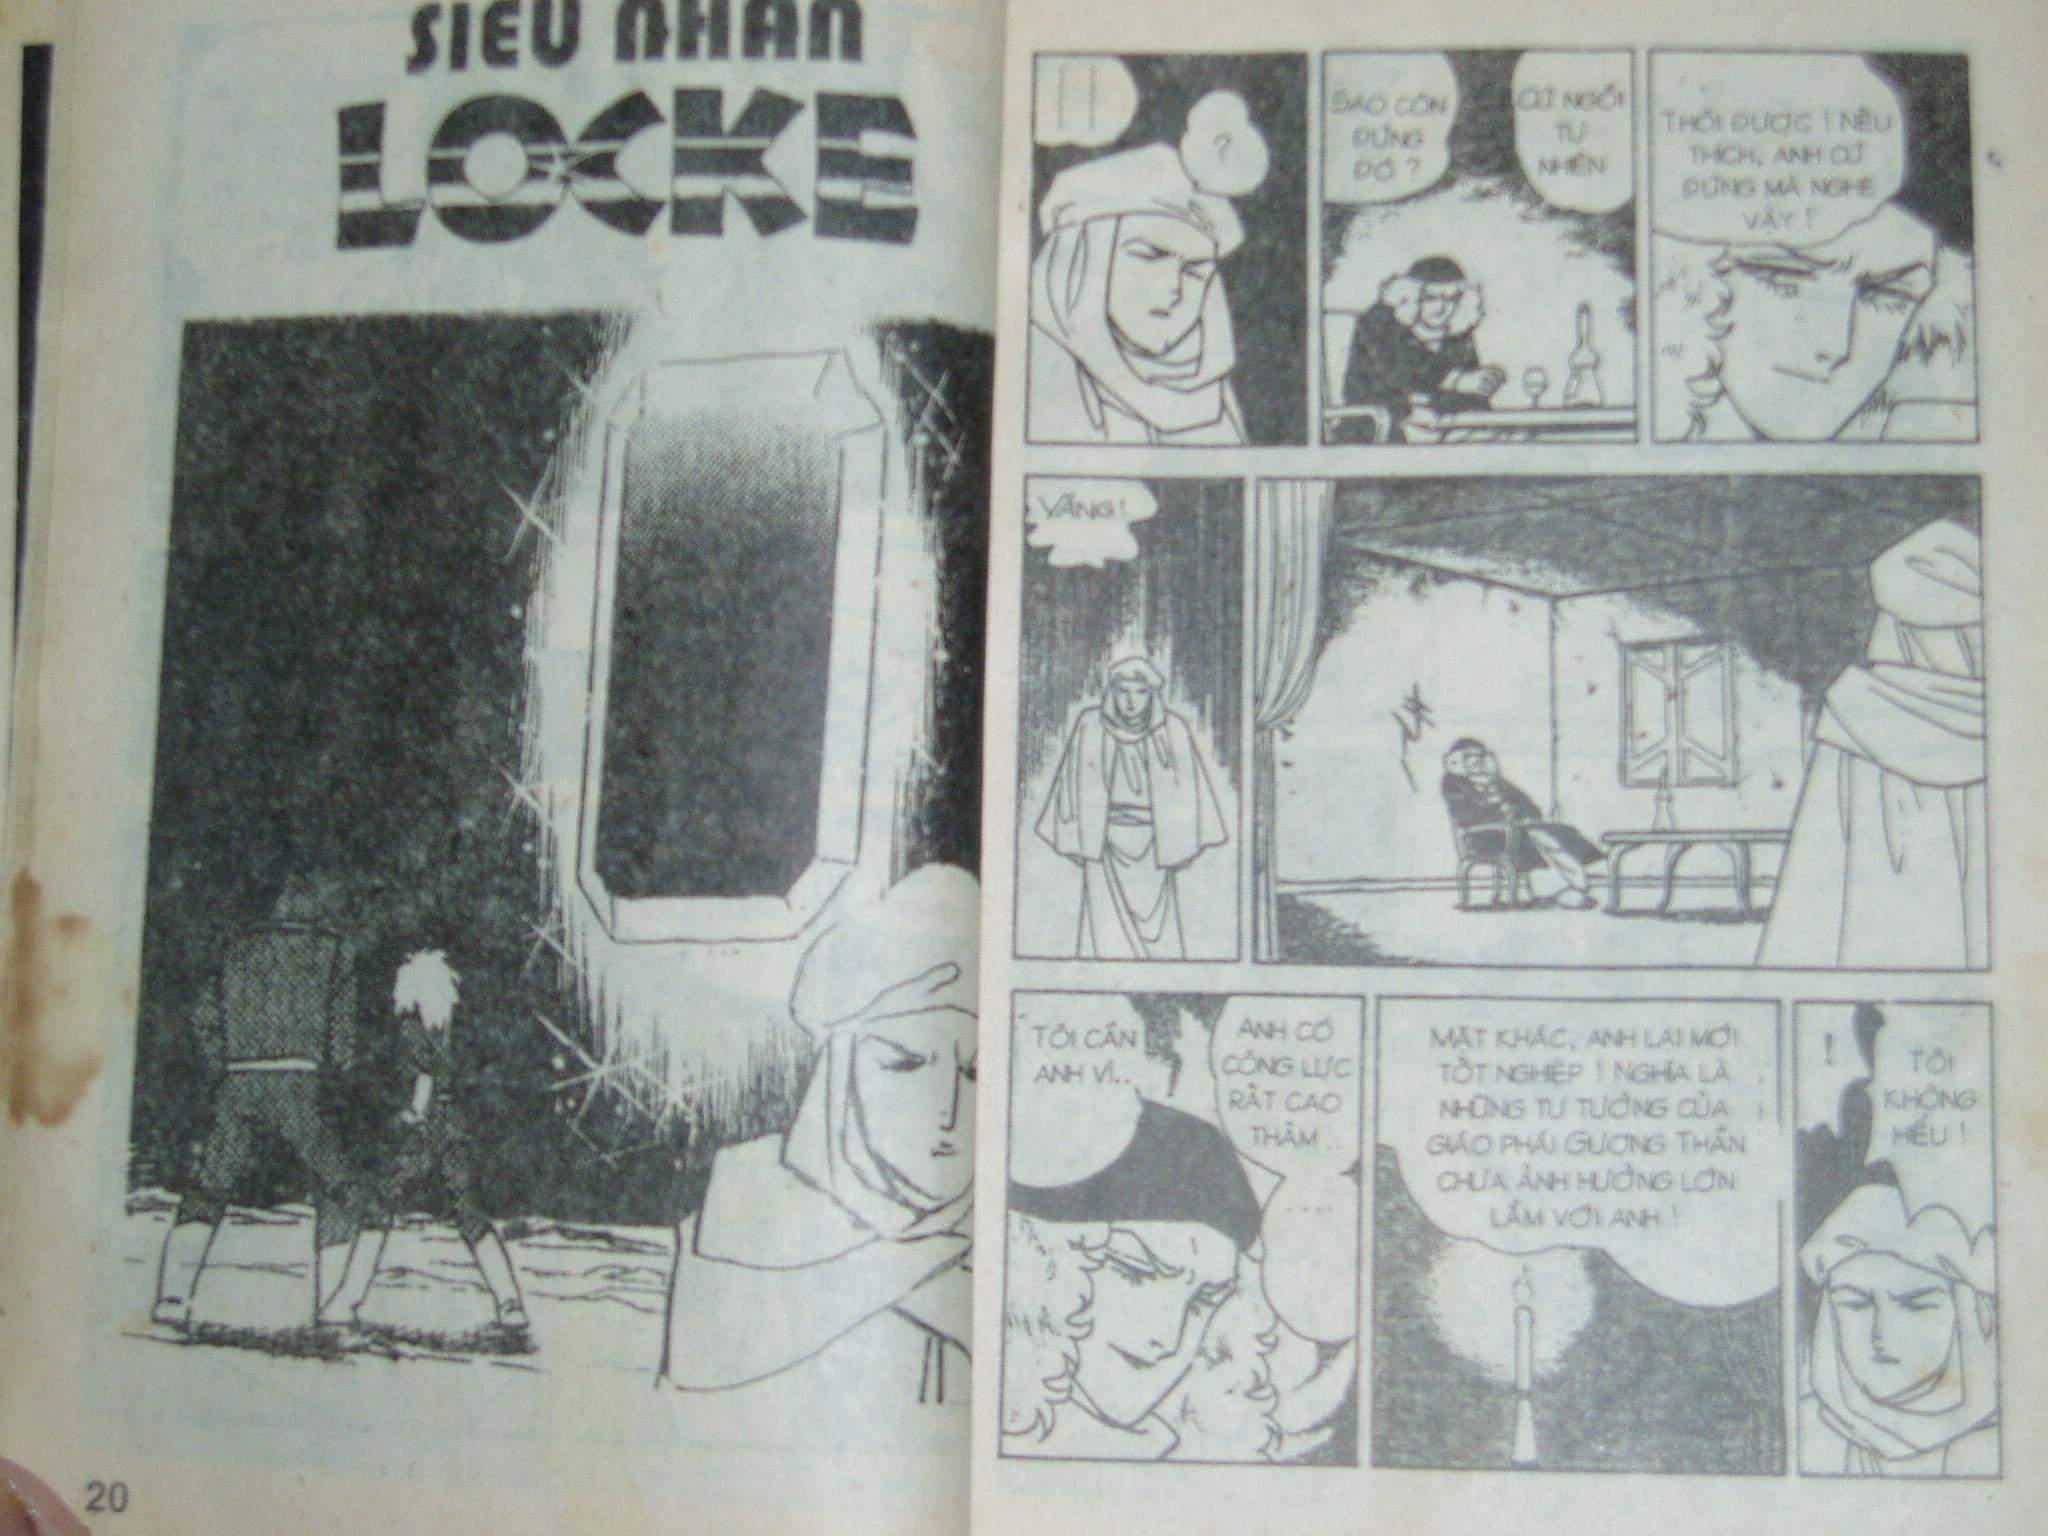 Siêu nhân Locke vol 17 trang 9